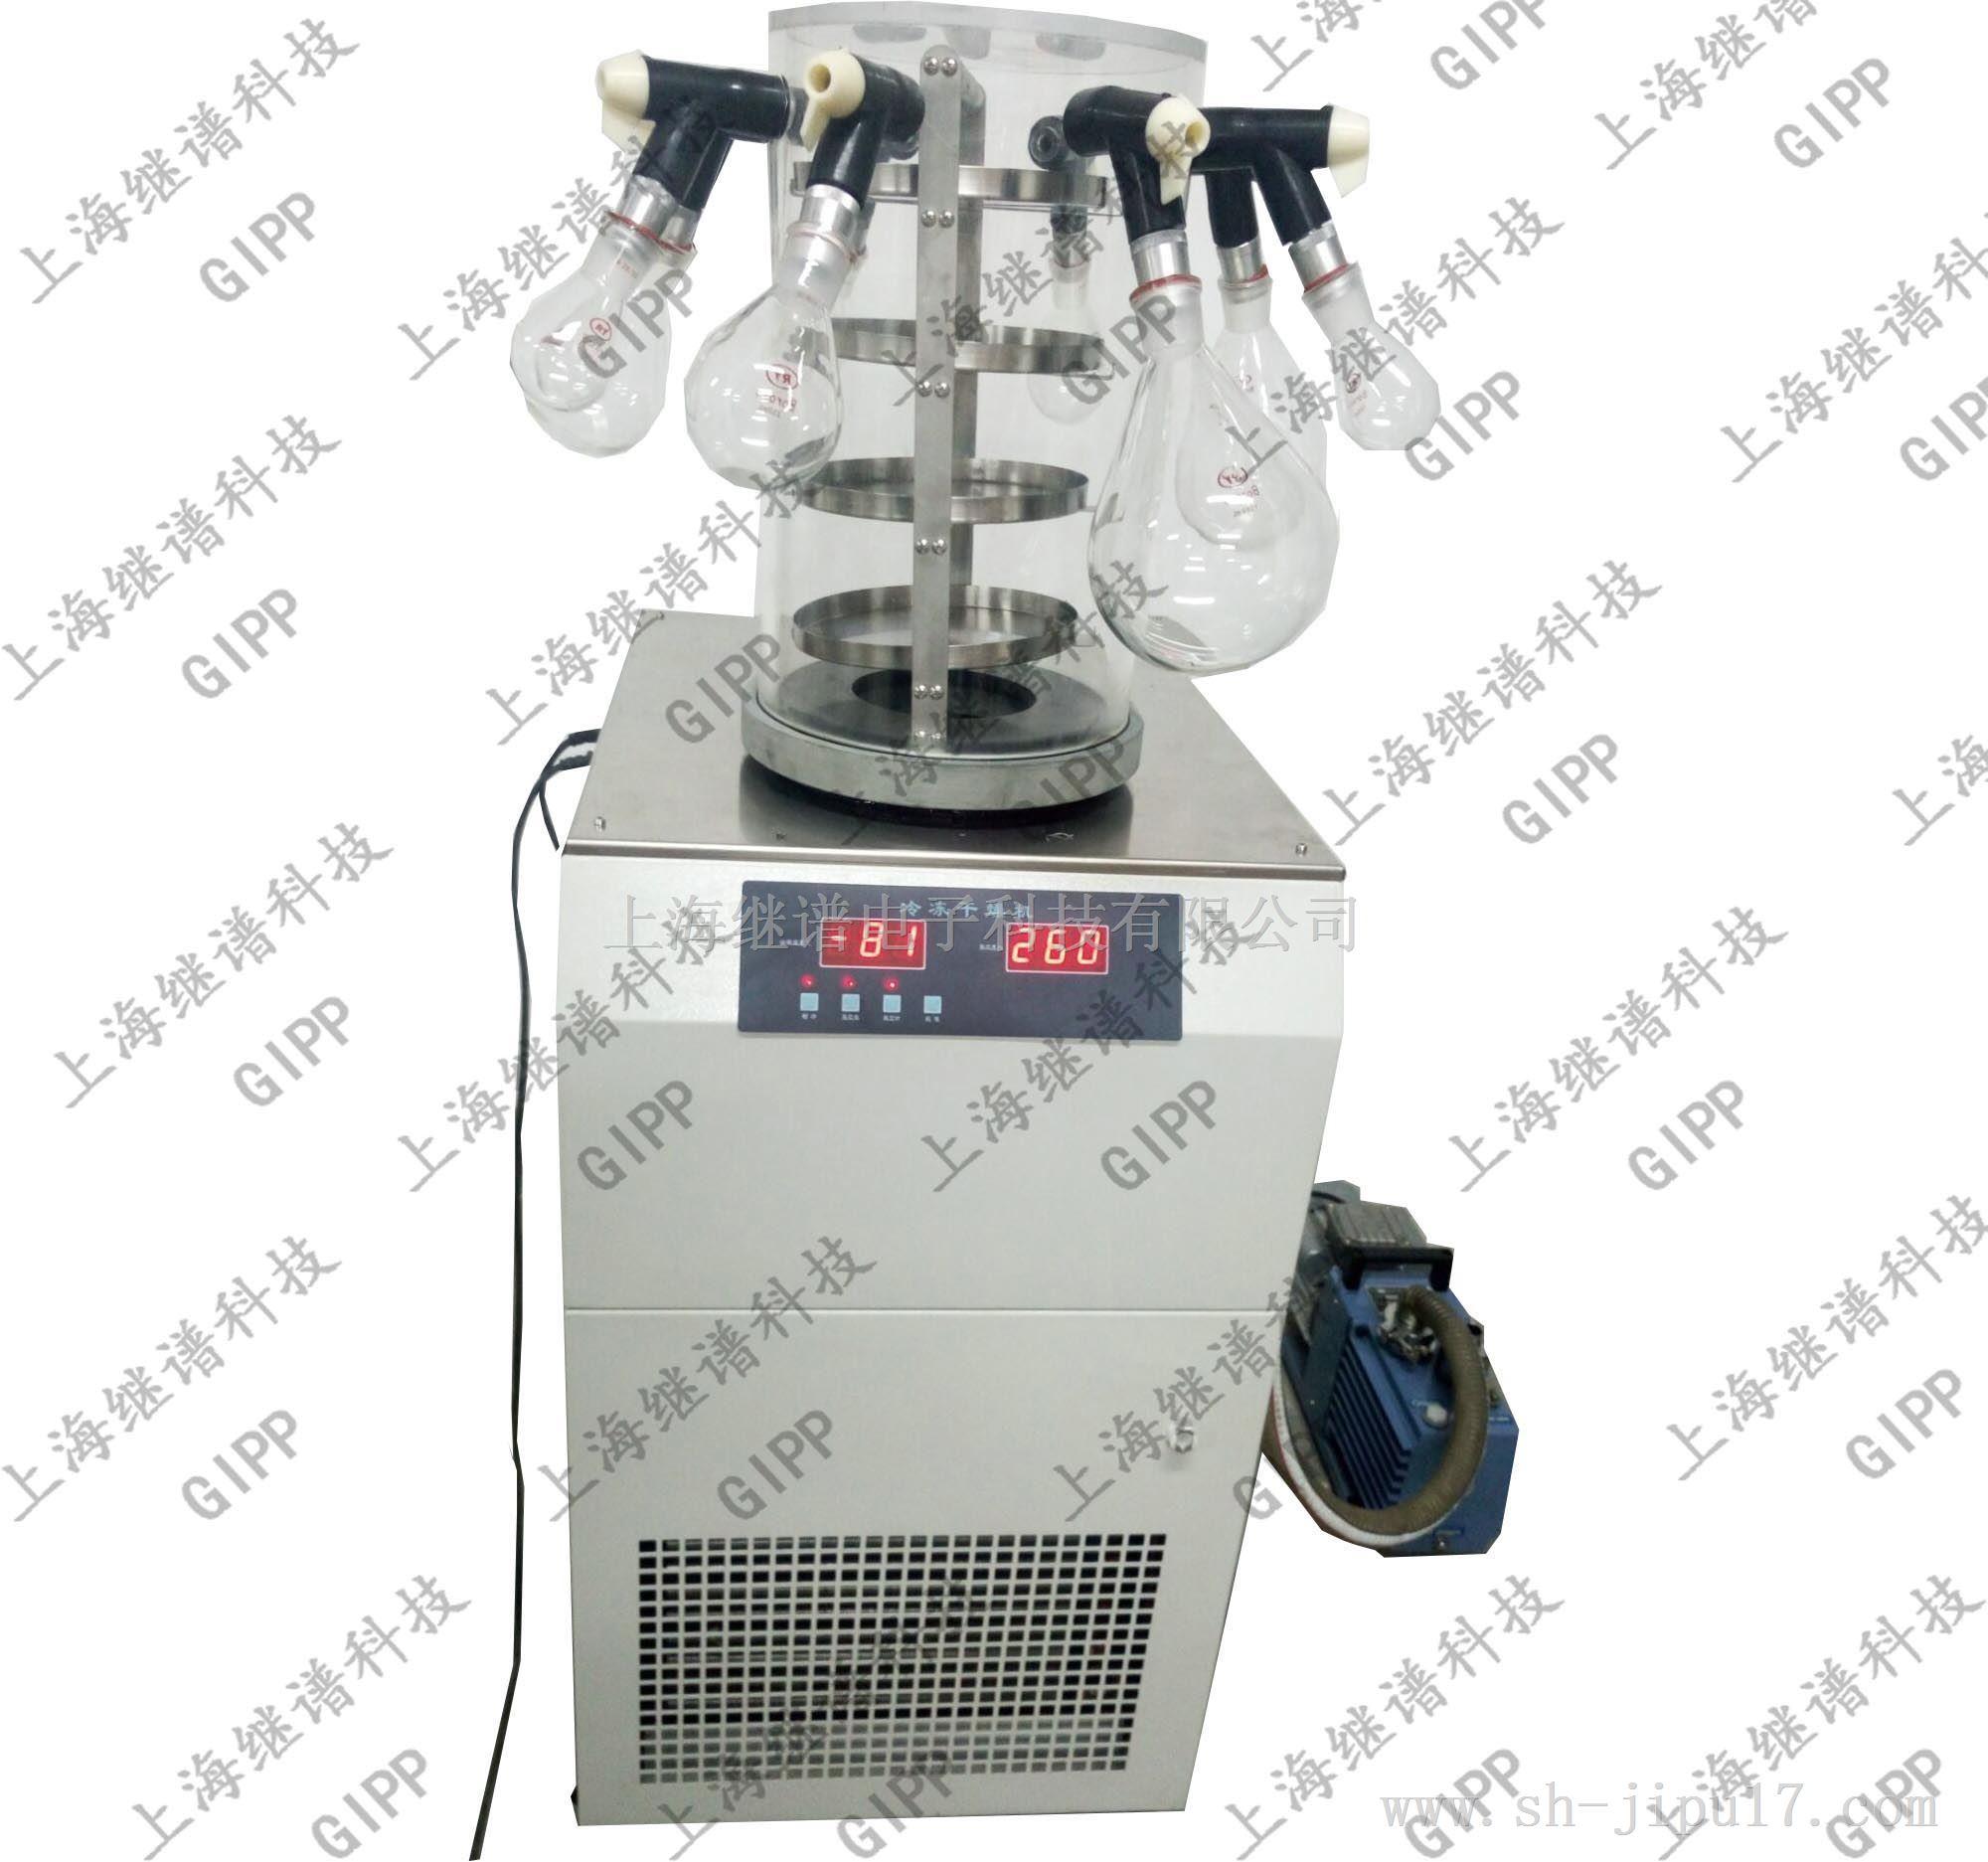 真空冷冻干燥机(FD-1C-80挂瓶型,冷凝温度-80℃)